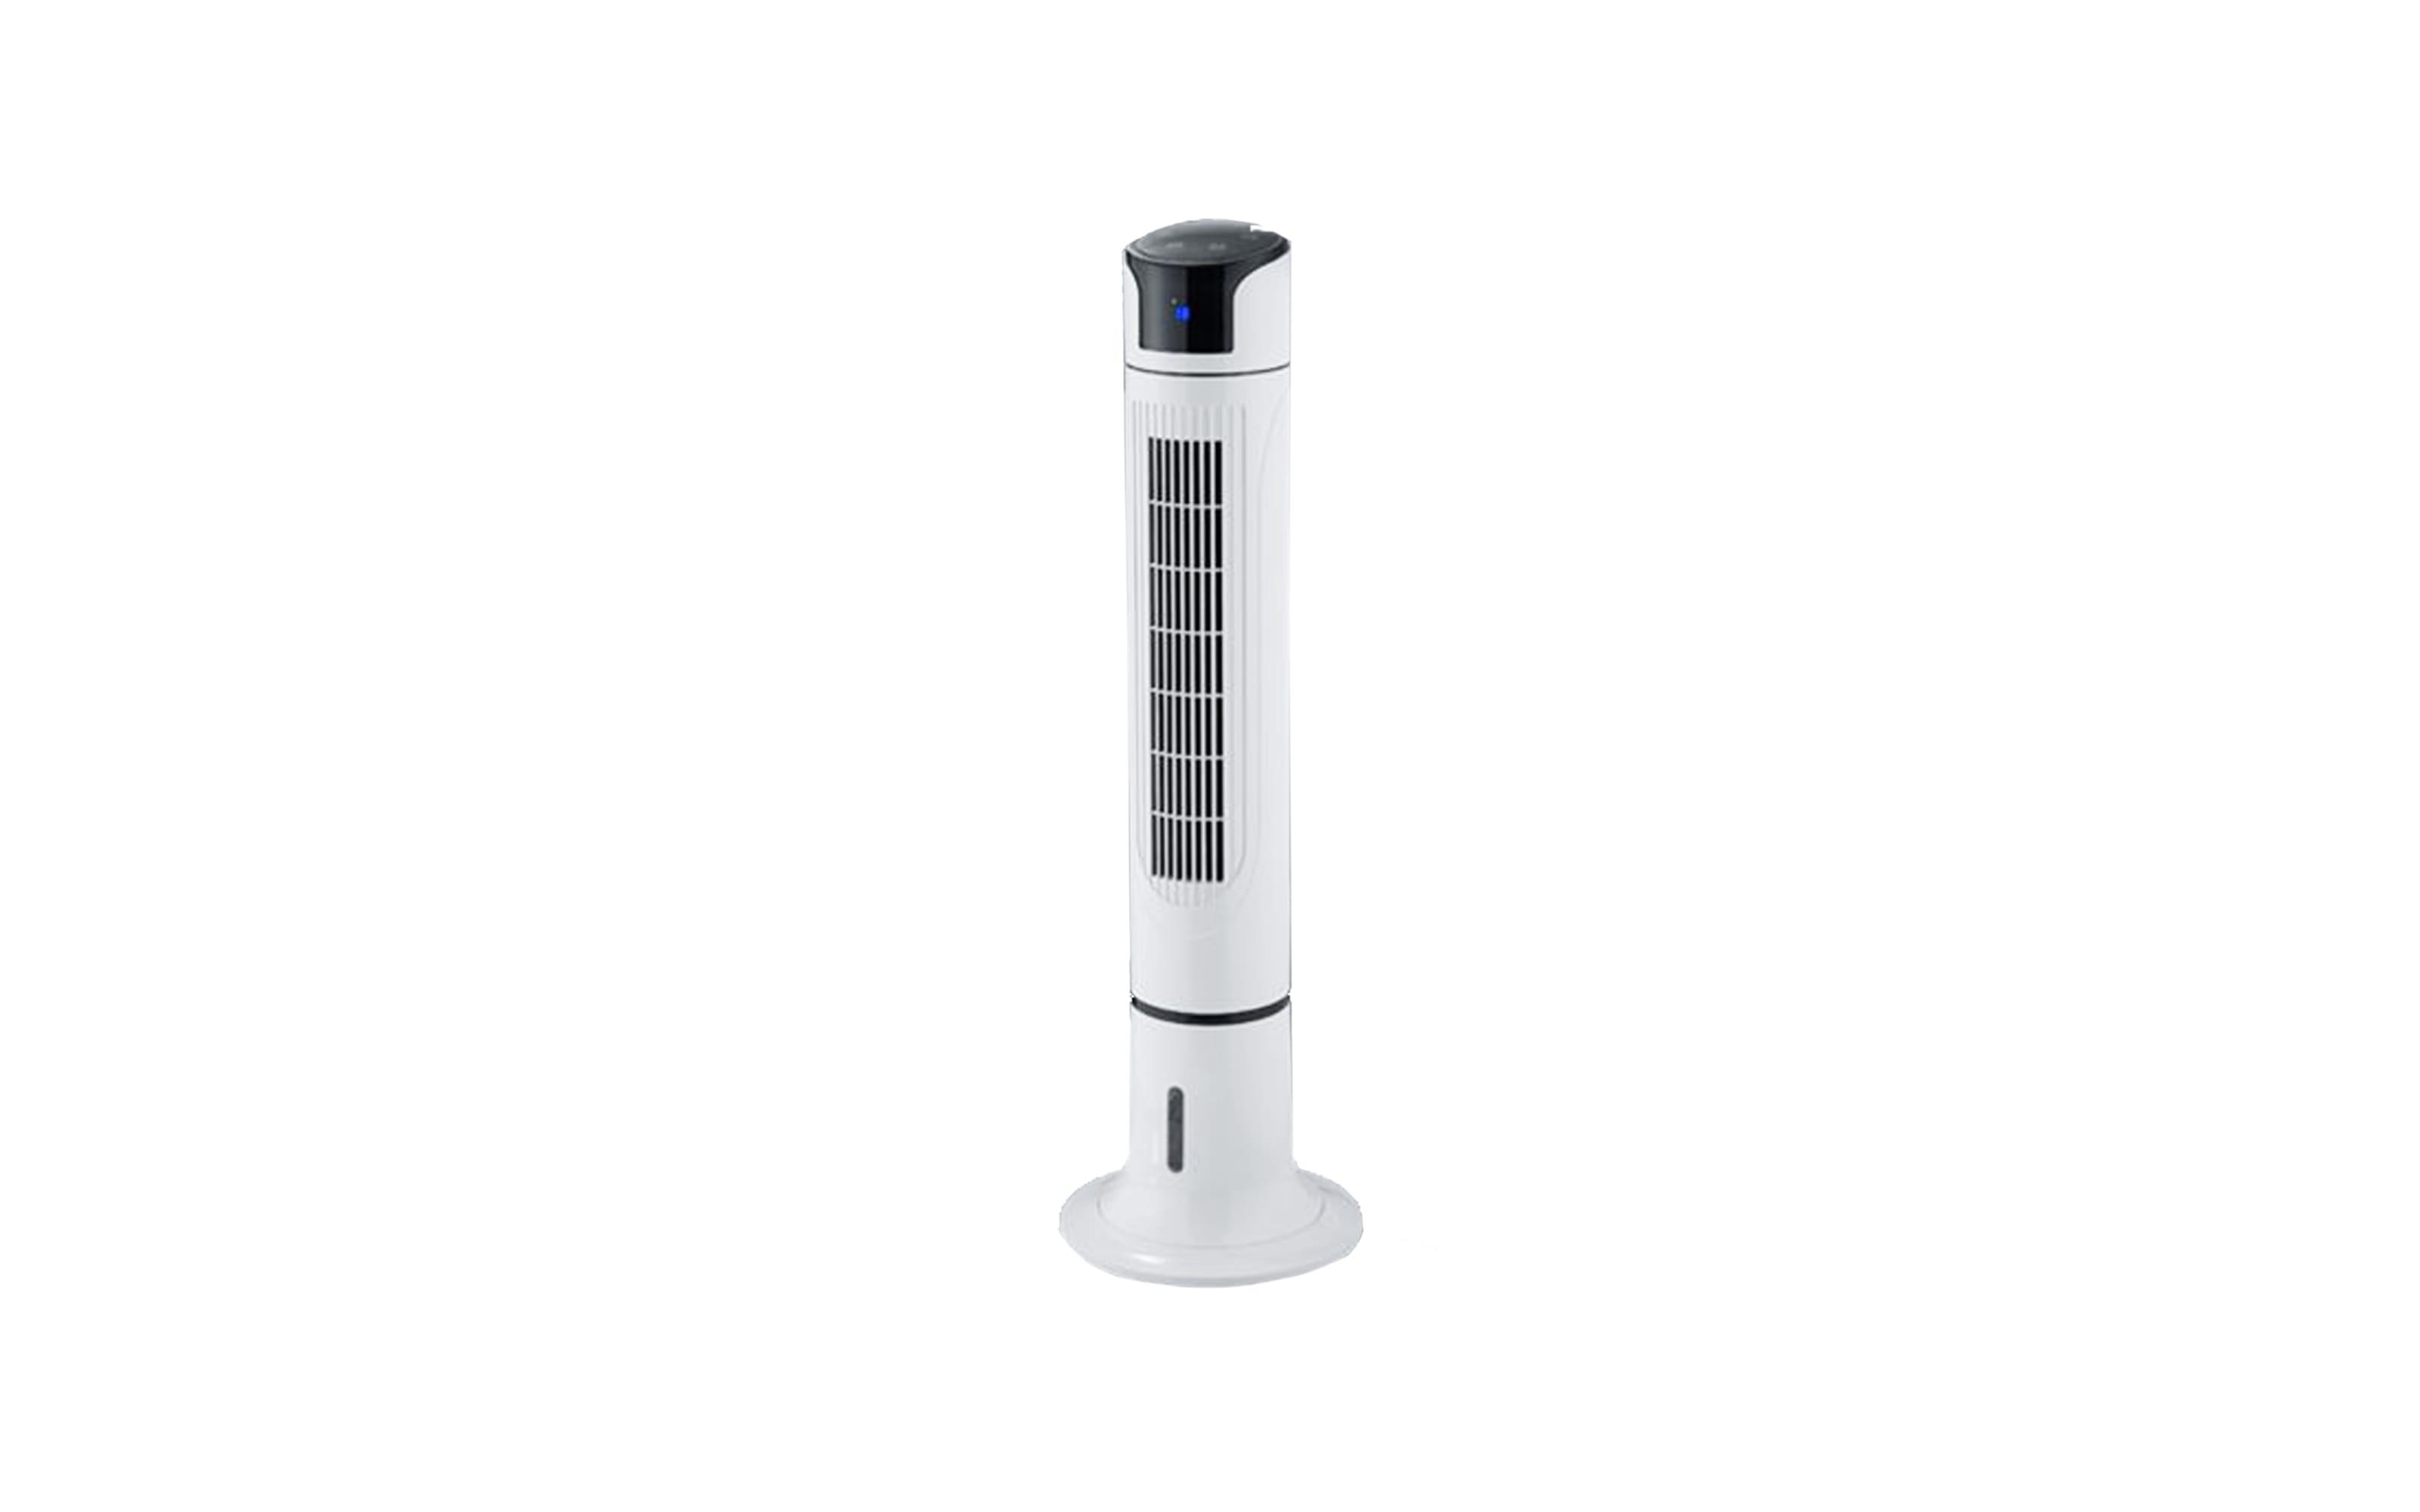 Standventilator Colombo in weiß mit Wassertank, 114 cm